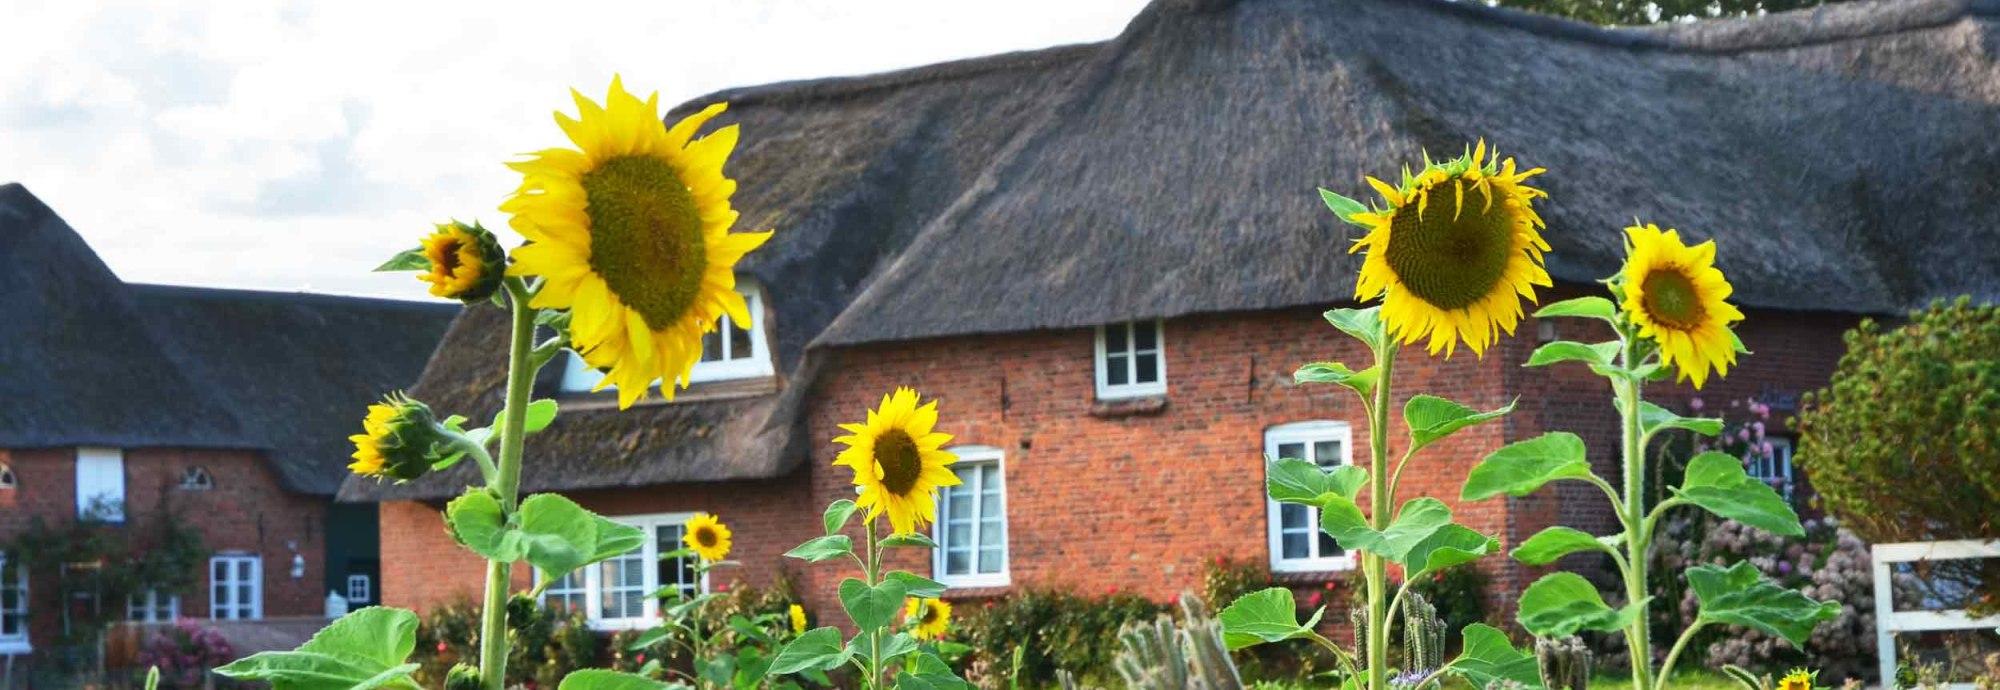 Süddorf-Haus-mit-Sonnenblumen, © KQuedens